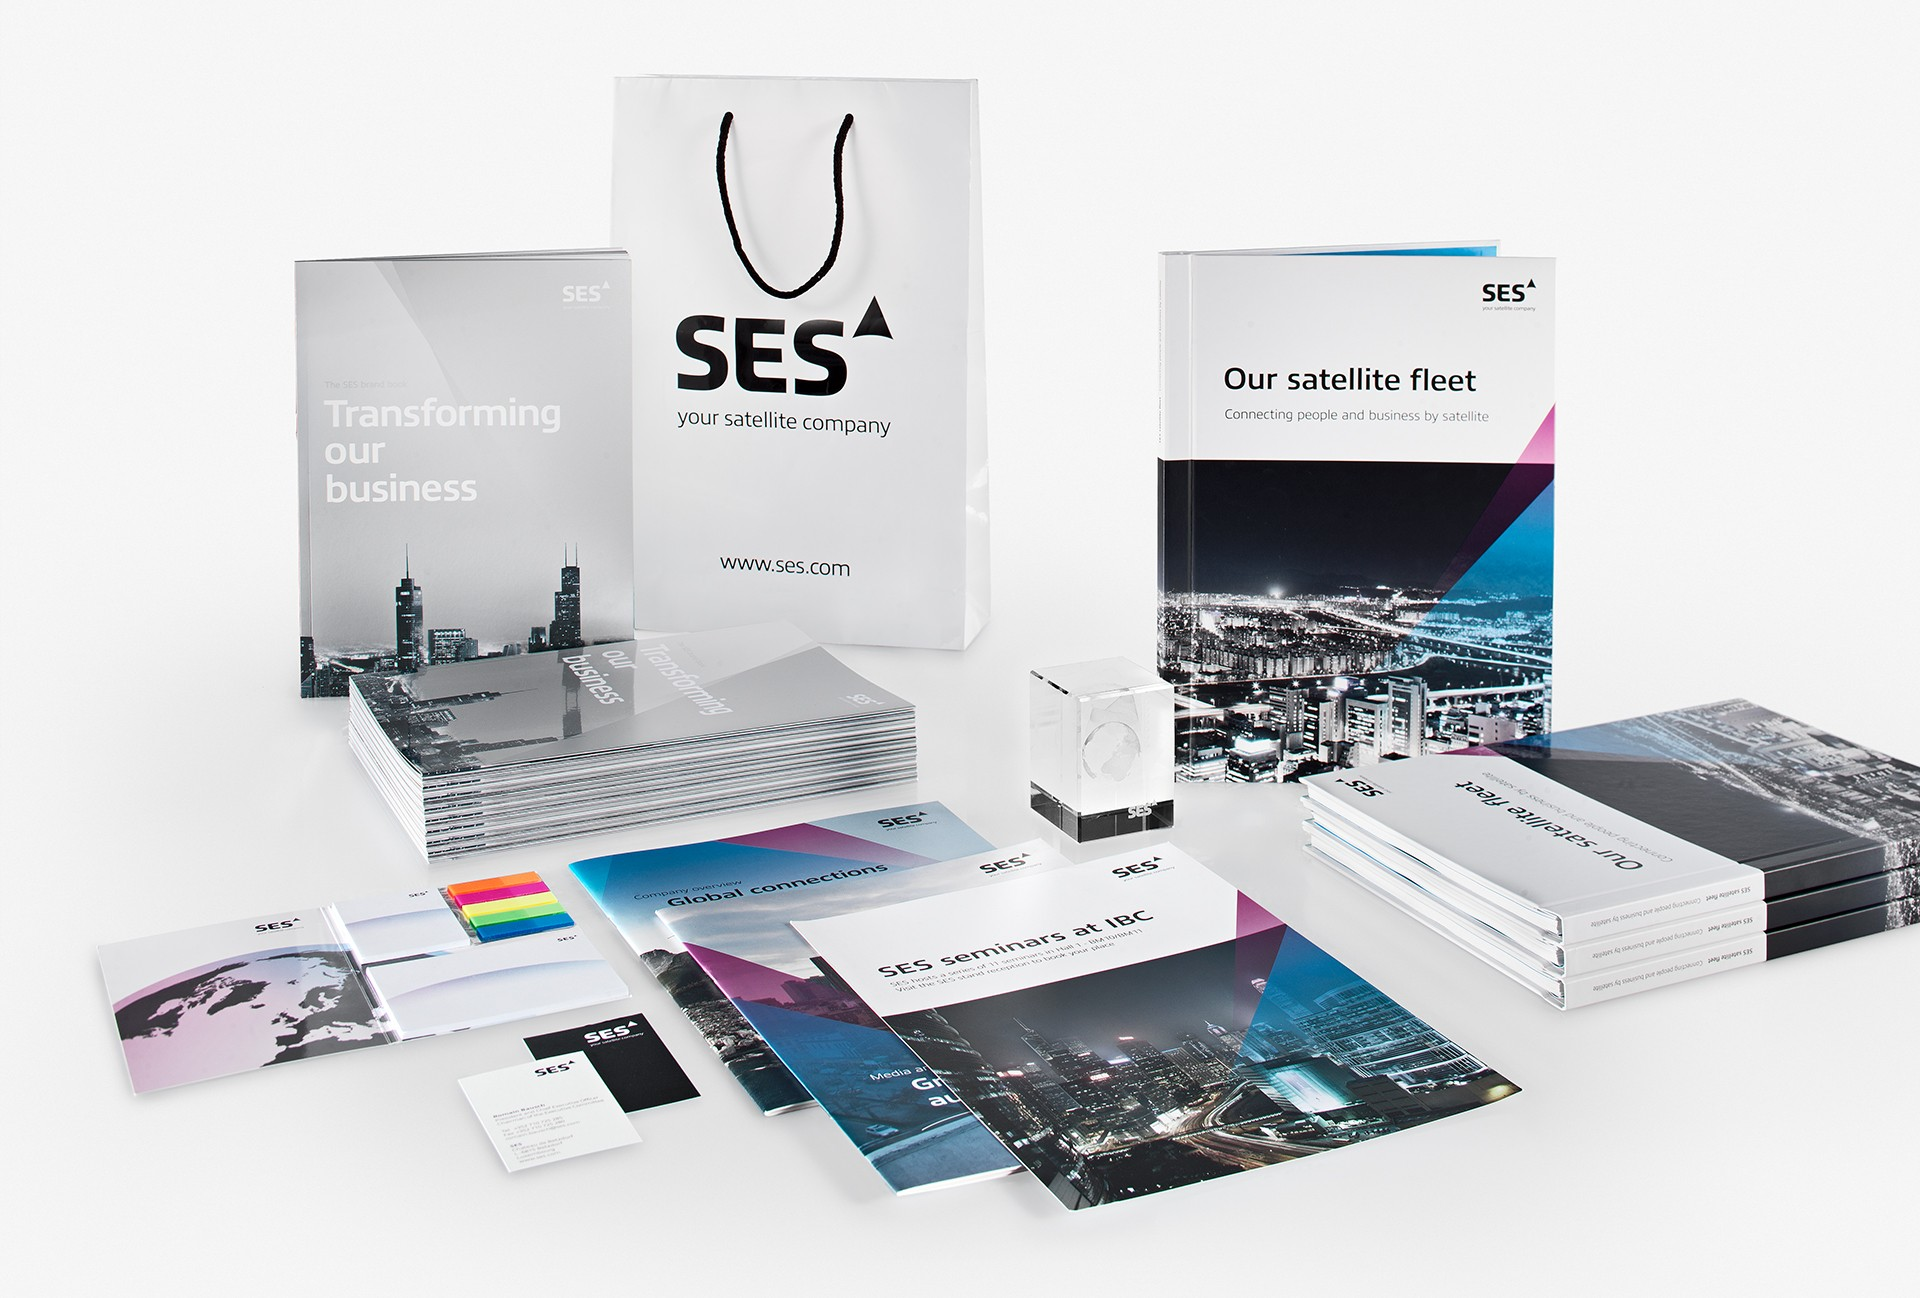 marcela grupp | art & design direction SES – Satellite company